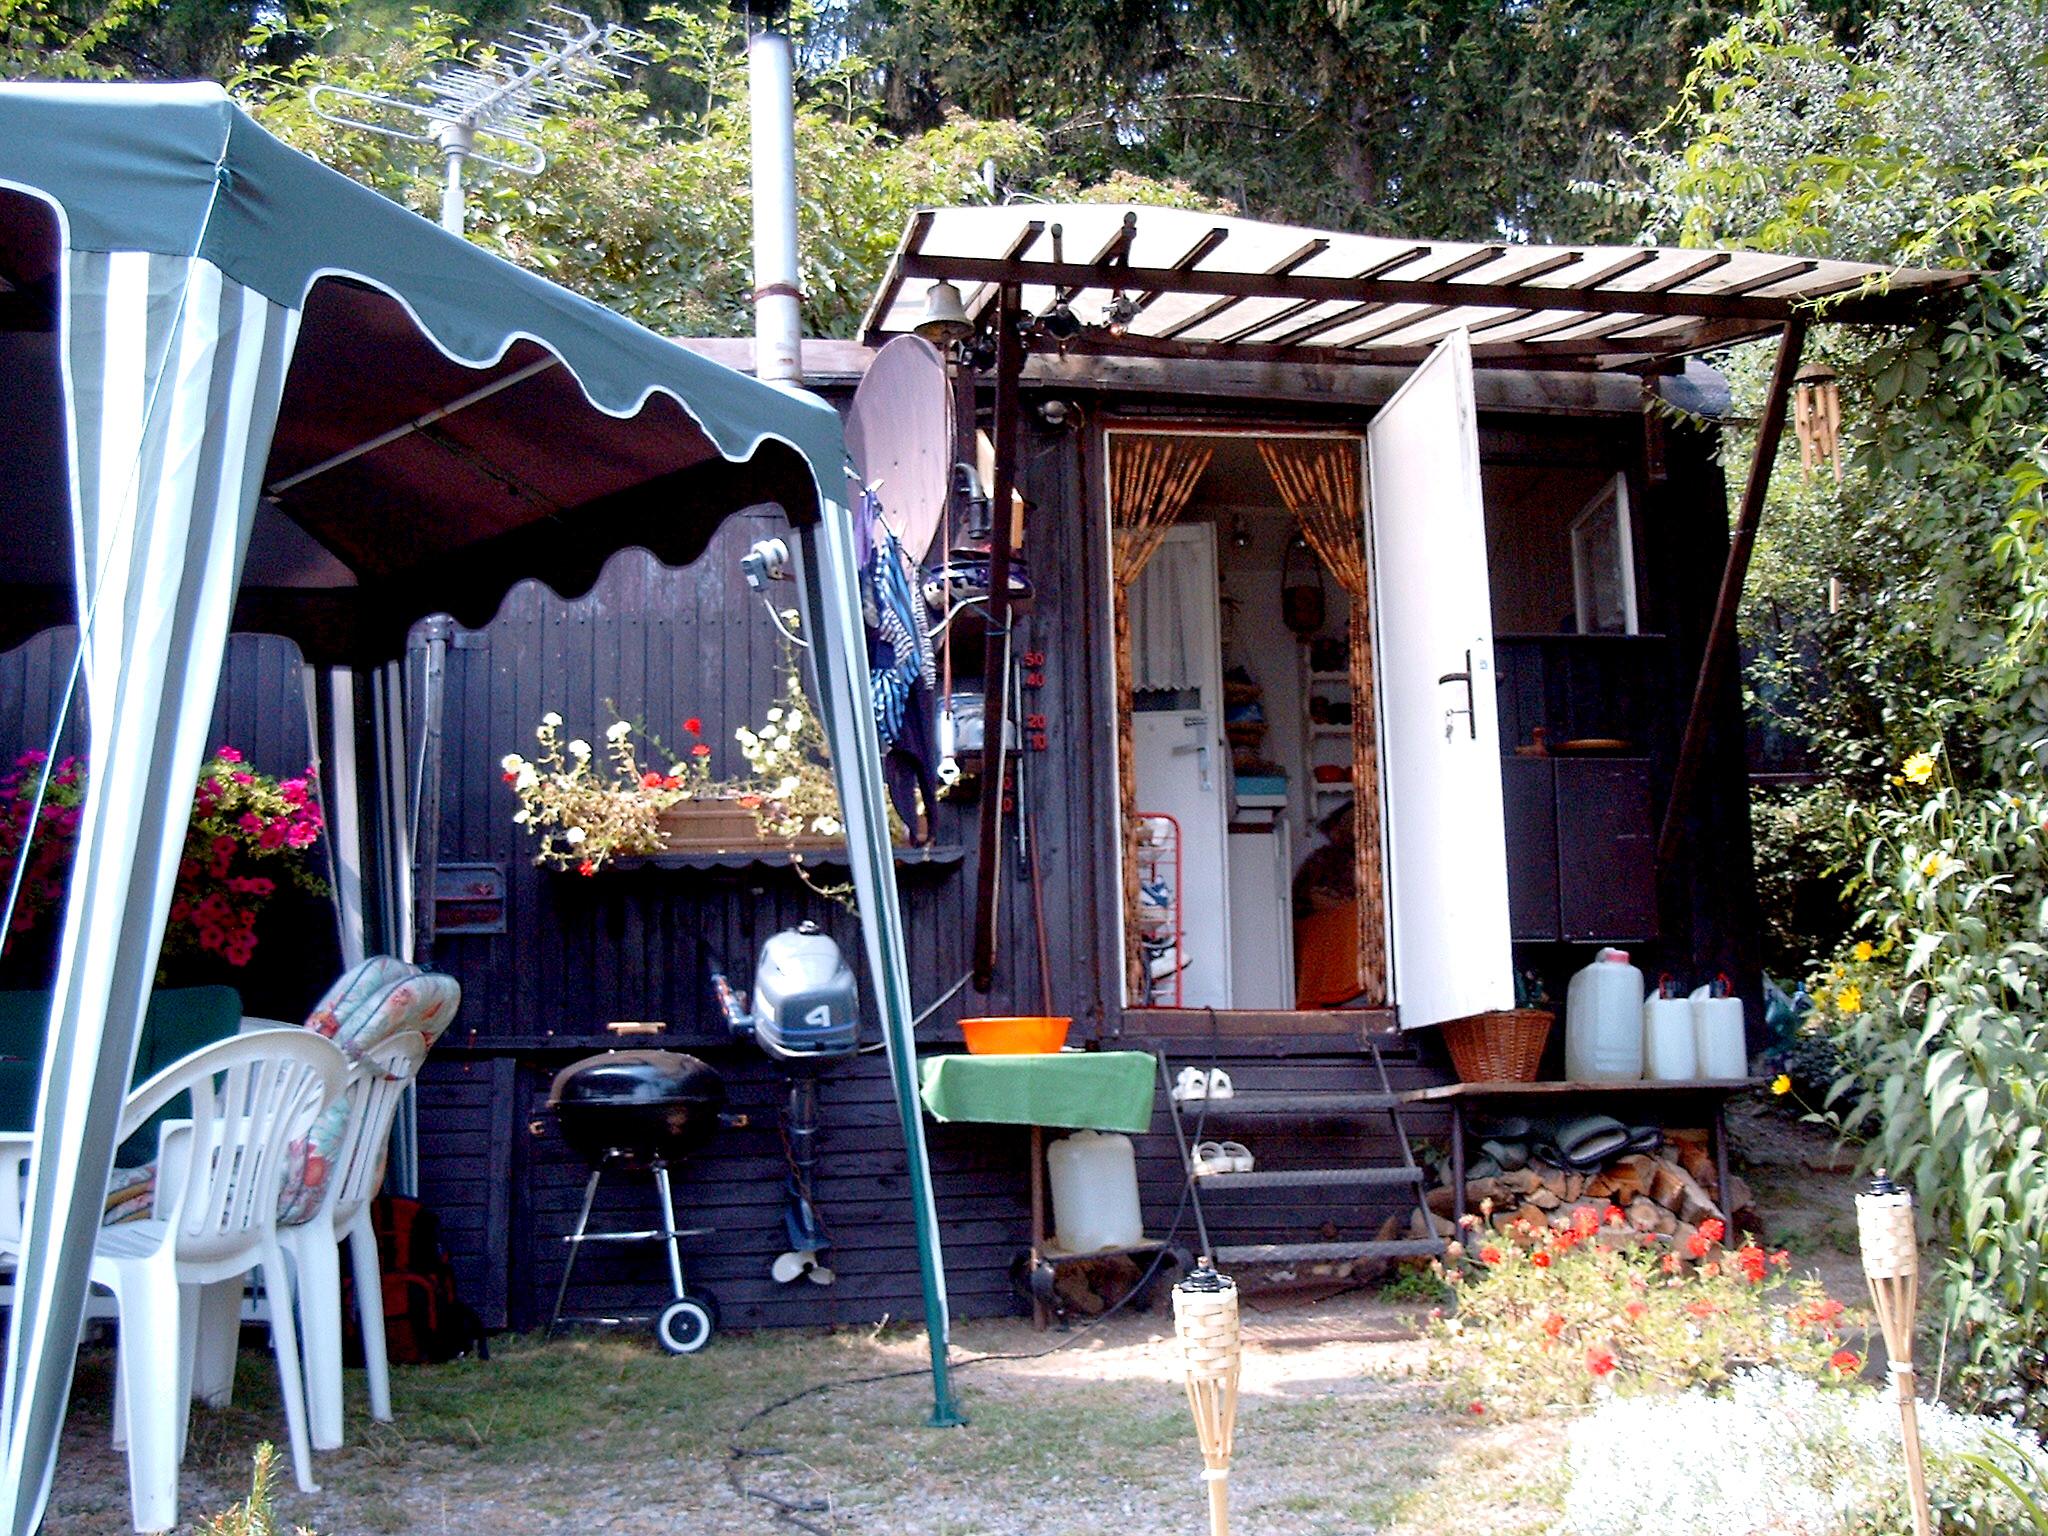 urlaub auf dem campingplatz nicht nur im sommer radio prag. Black Bedroom Furniture Sets. Home Design Ideas